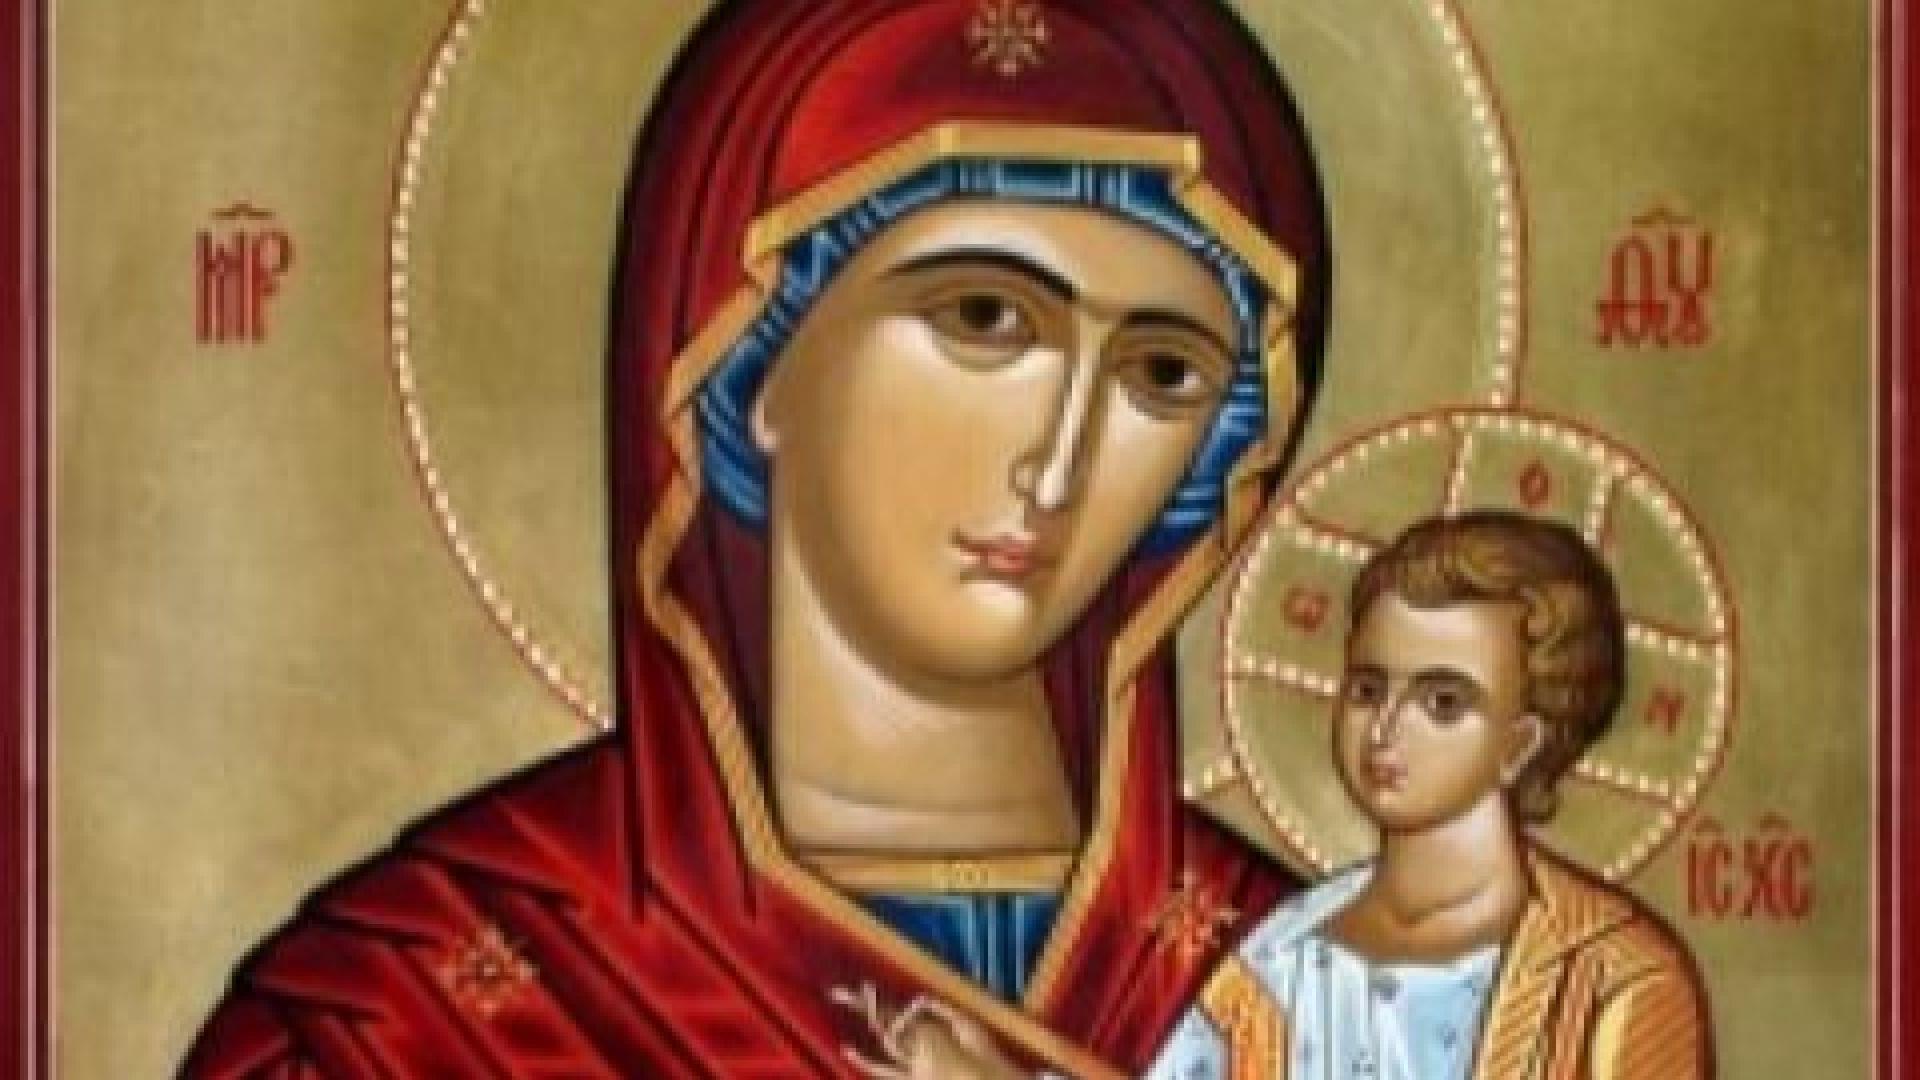 Днес е важен ден за всички християни, честваме Пресвета Богородица